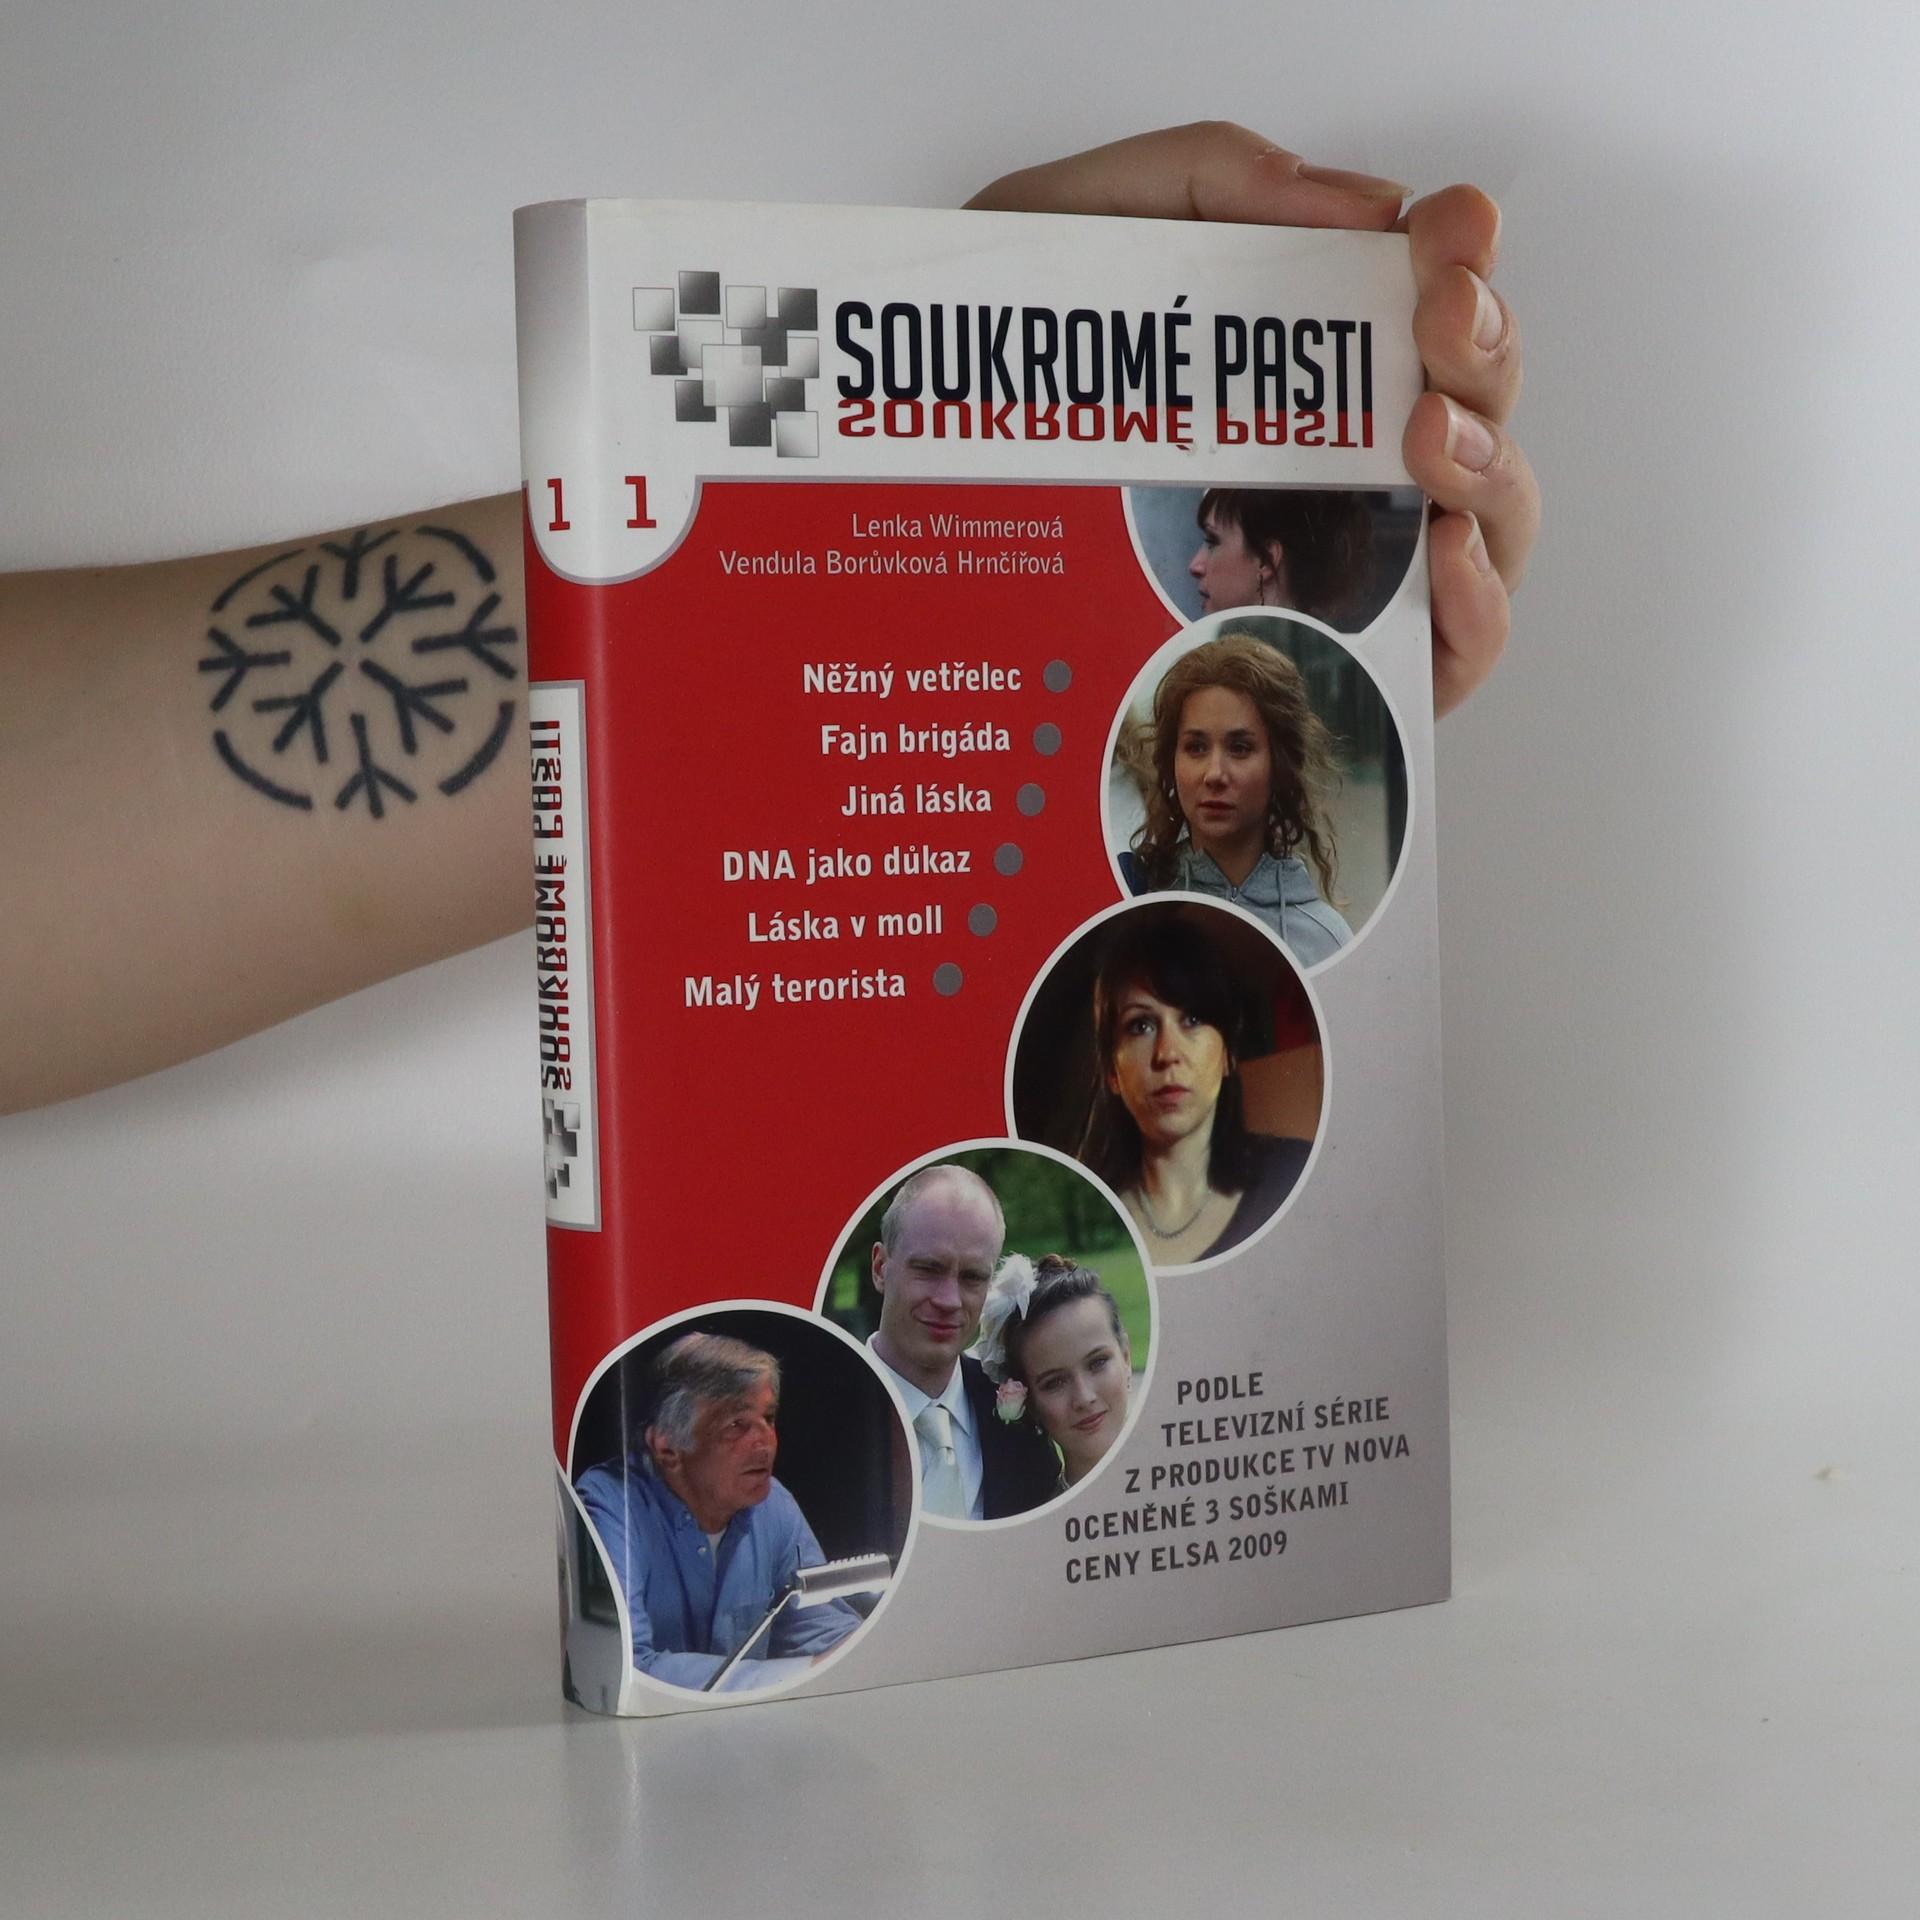 antikvární kniha Soukromé pasti, 2010